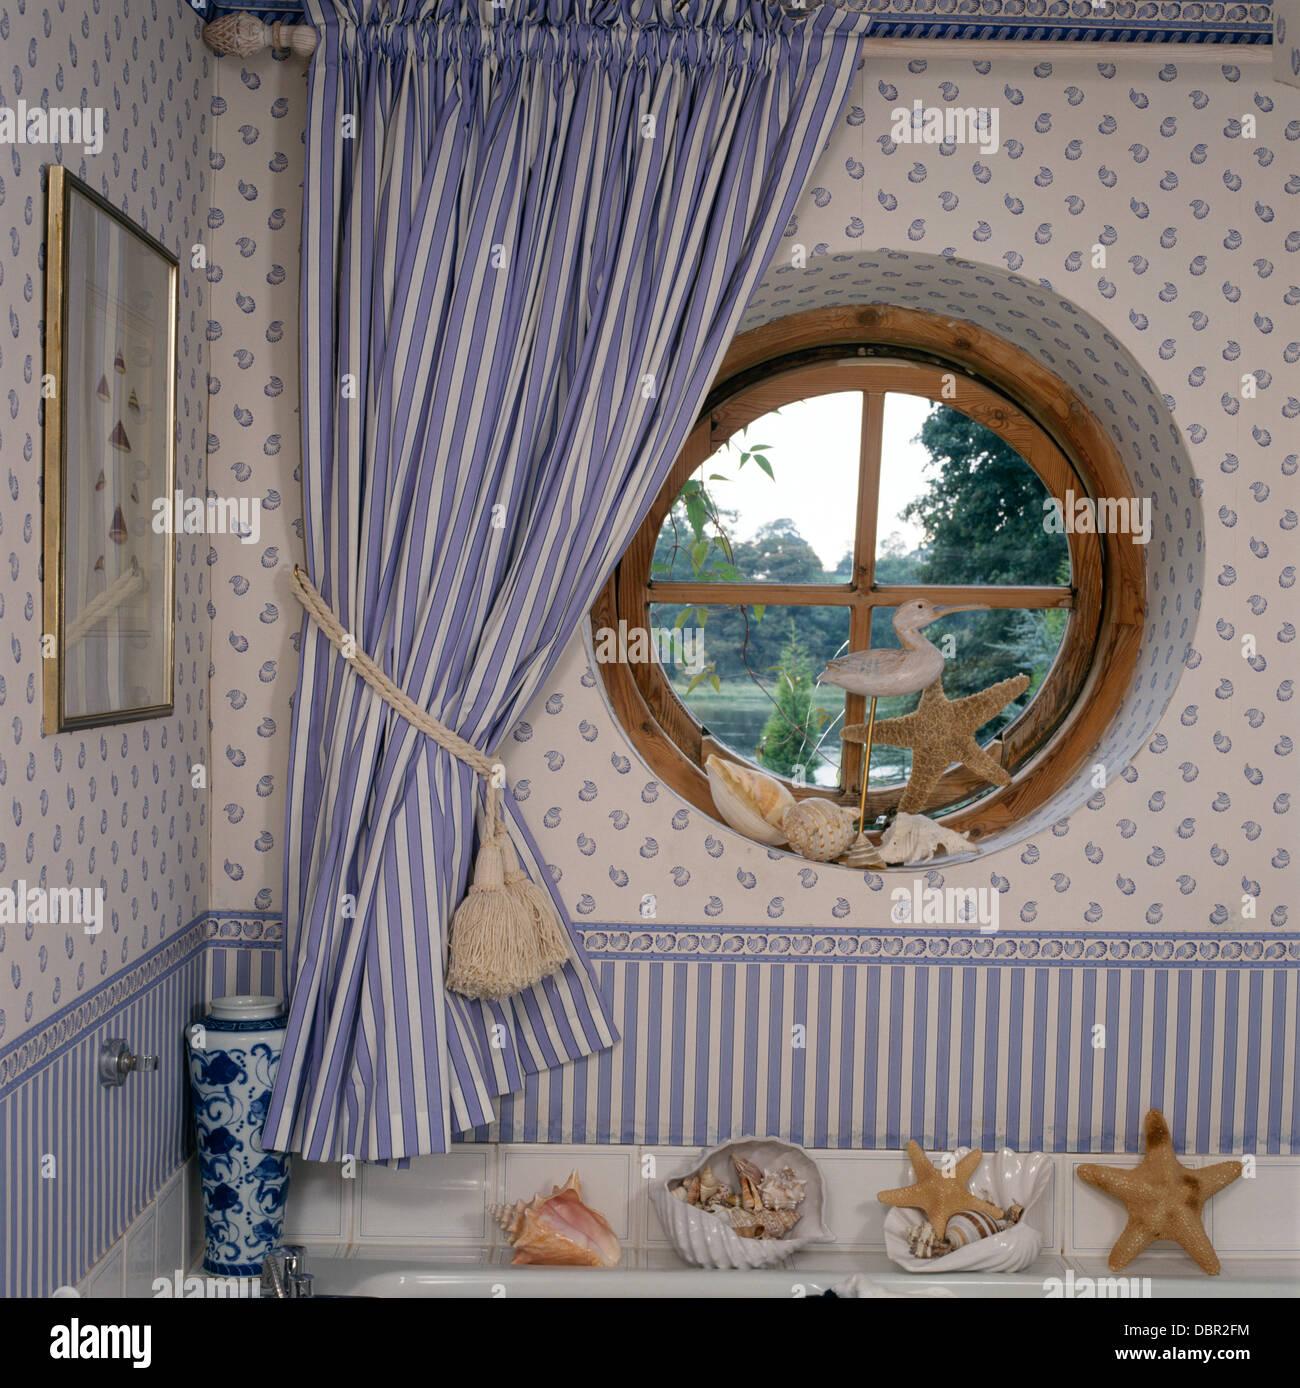 Kreisrundes Fenster Mit Blau Weiß Gestreiften Vorhang Im